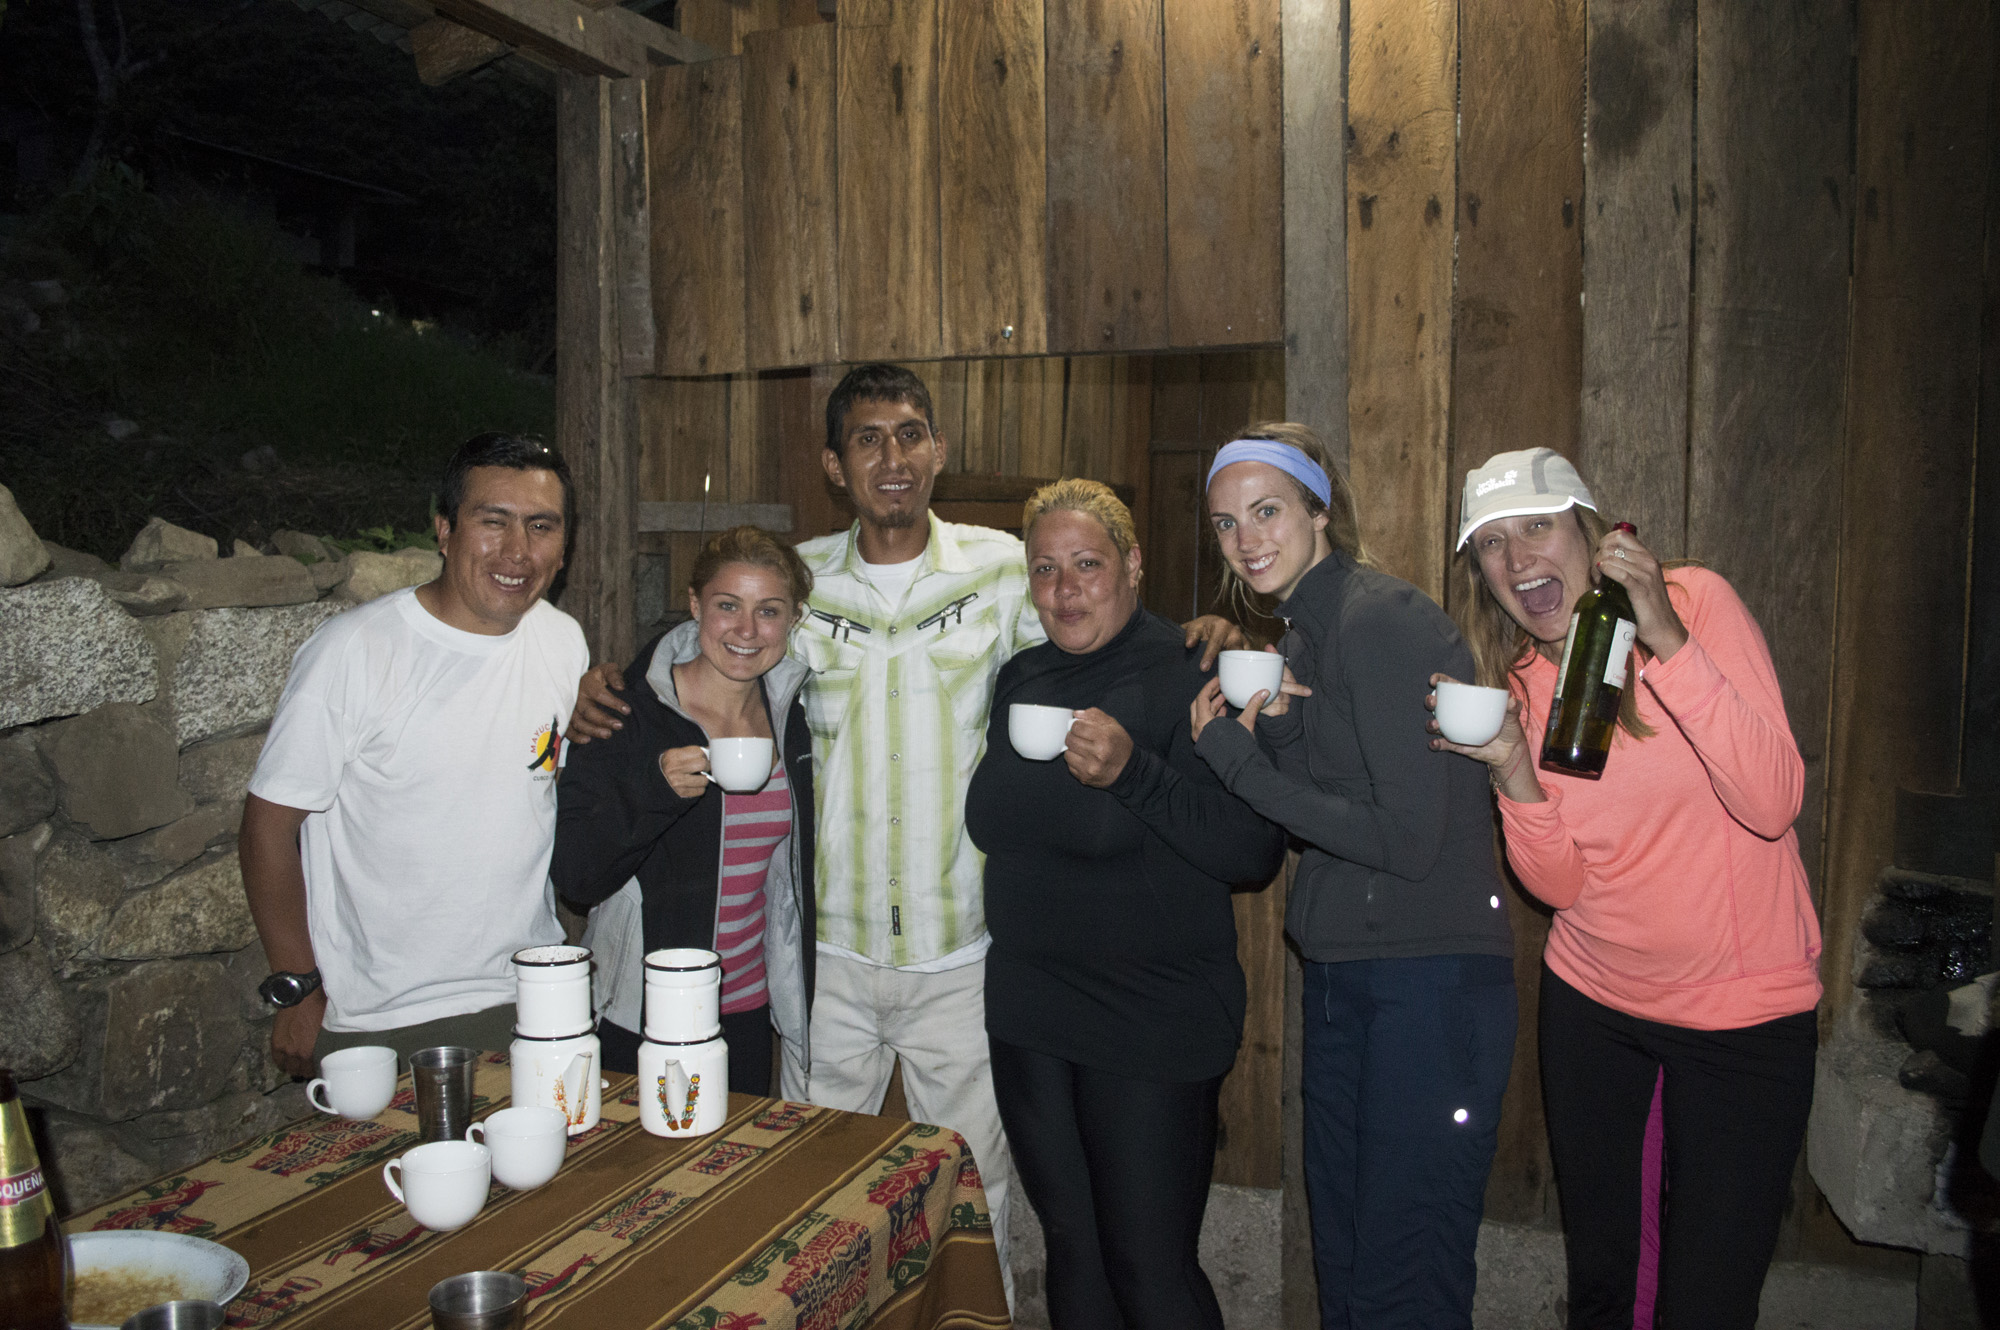 Inca 3 group and coffee.jpg